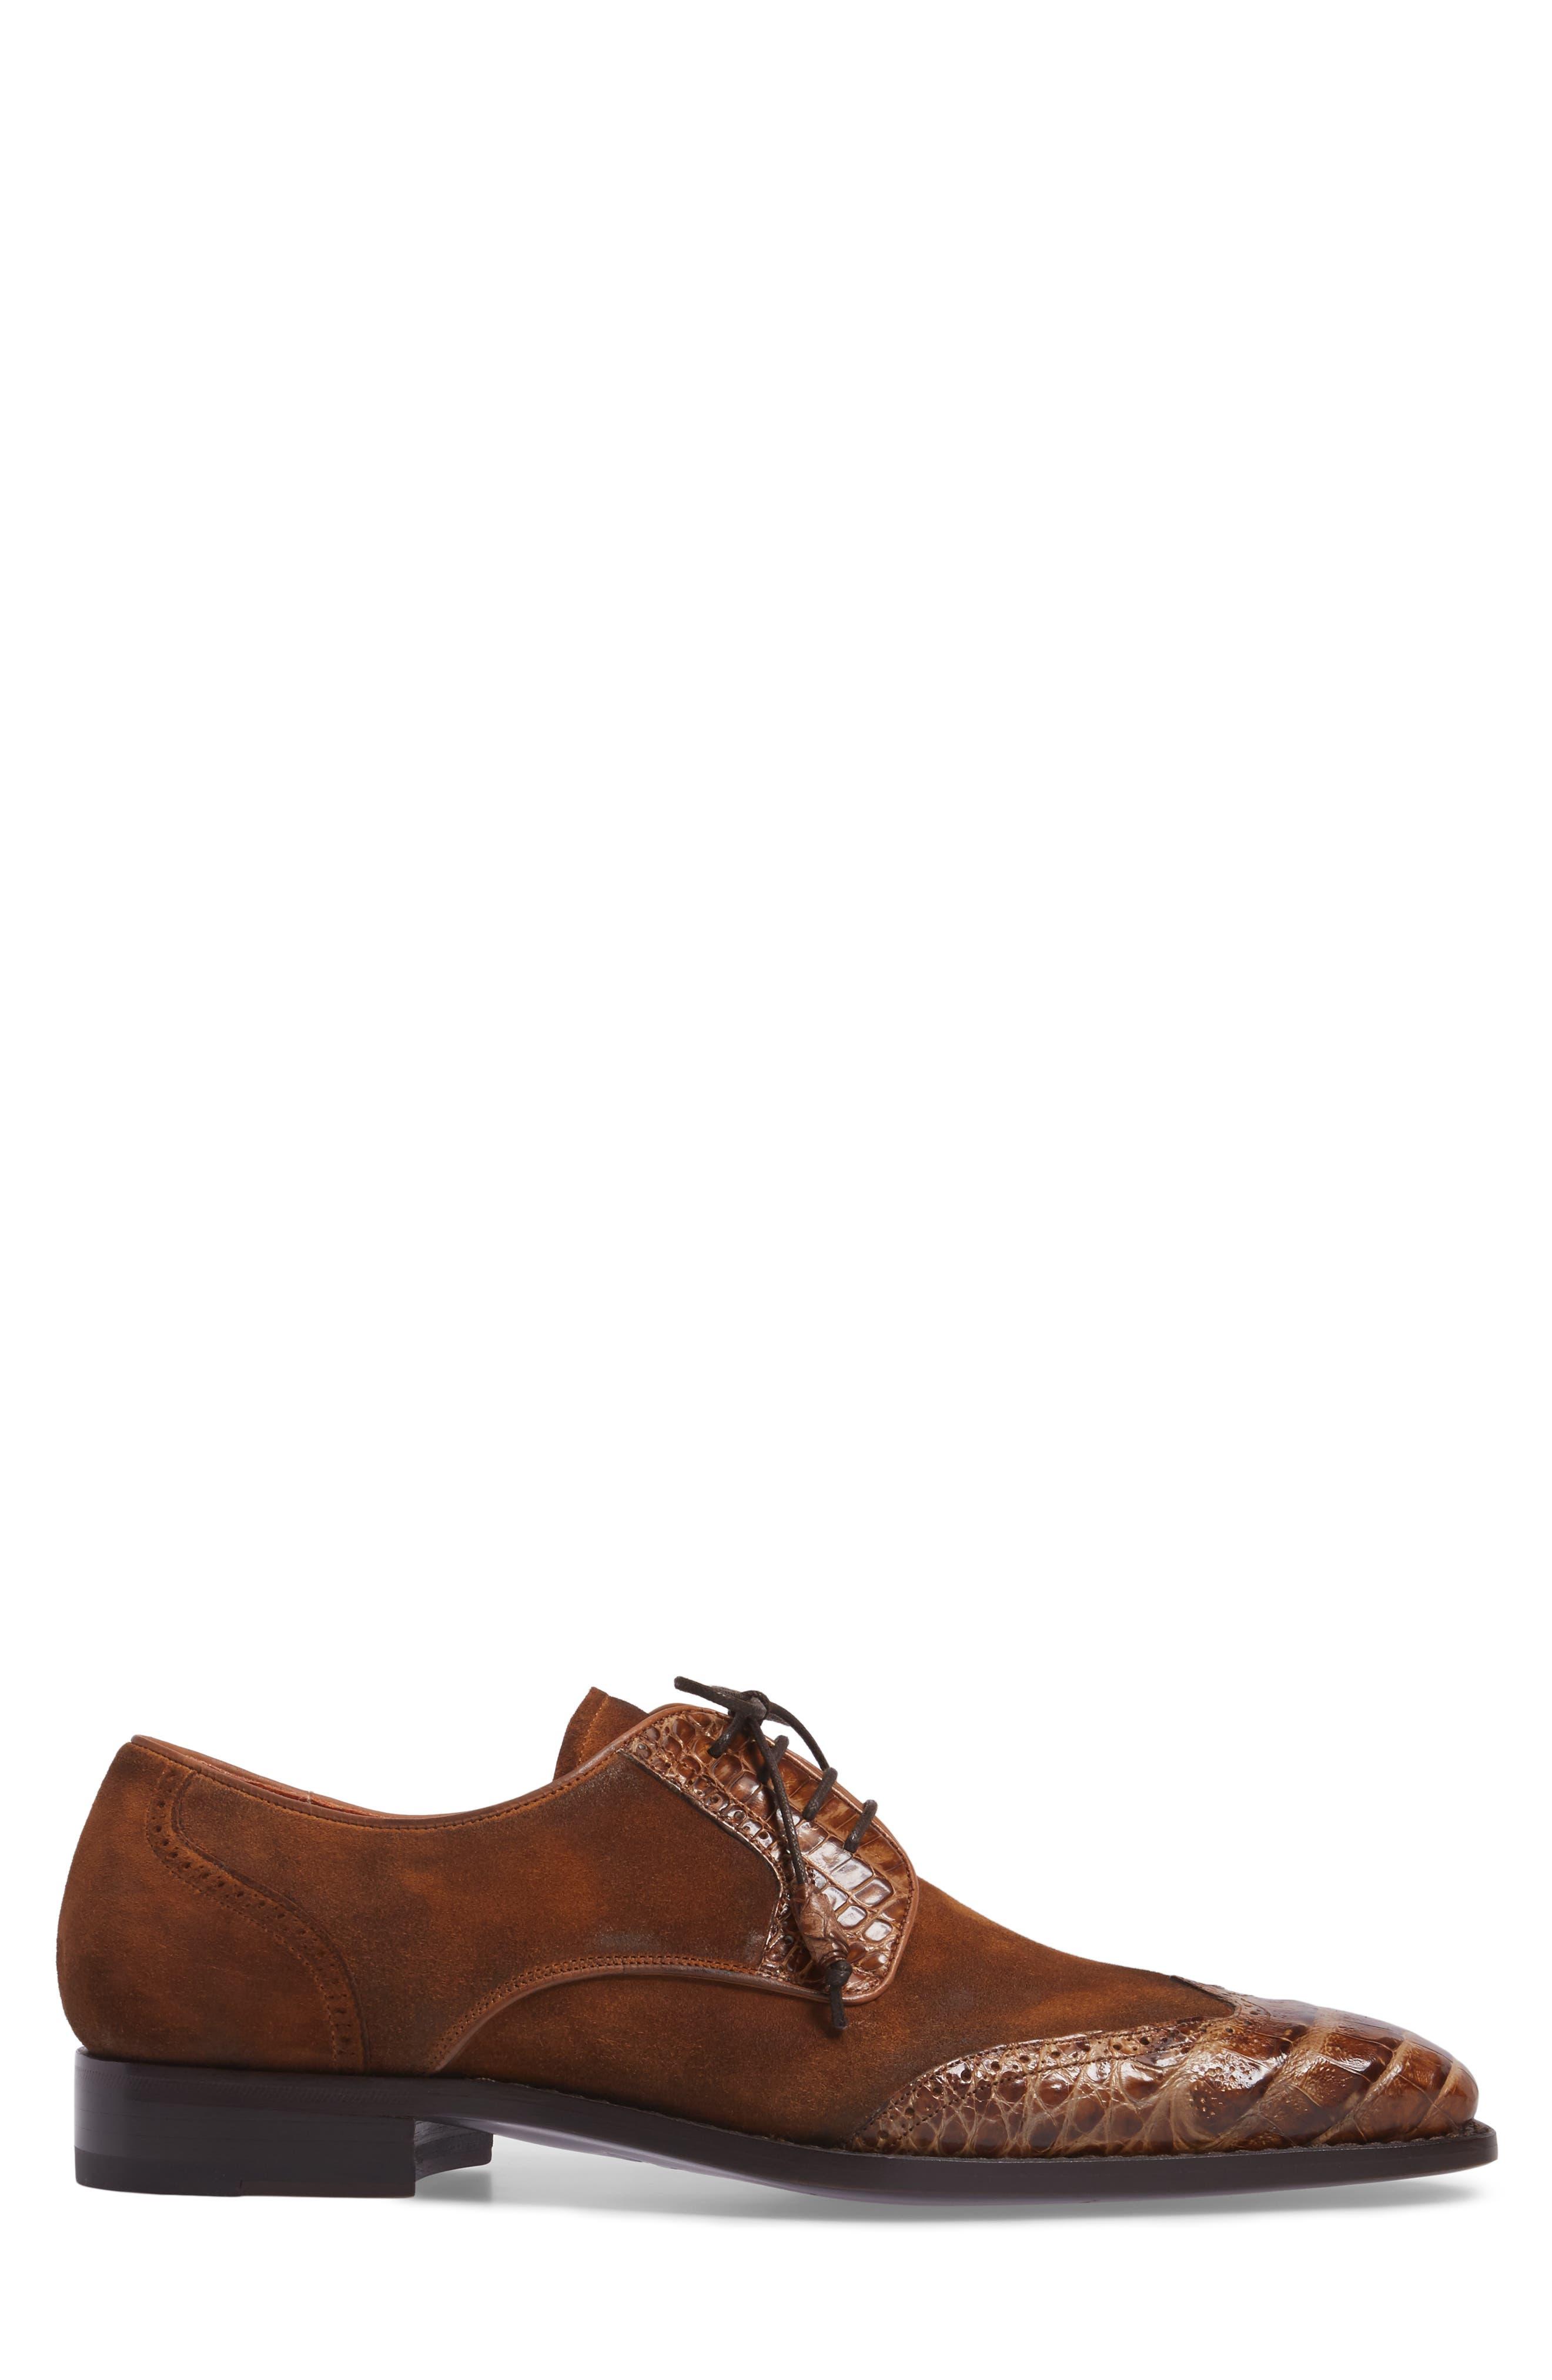 Nunez Spectator Shoe,                             Alternate thumbnail 3, color,                             CAMEL/ BEIGE